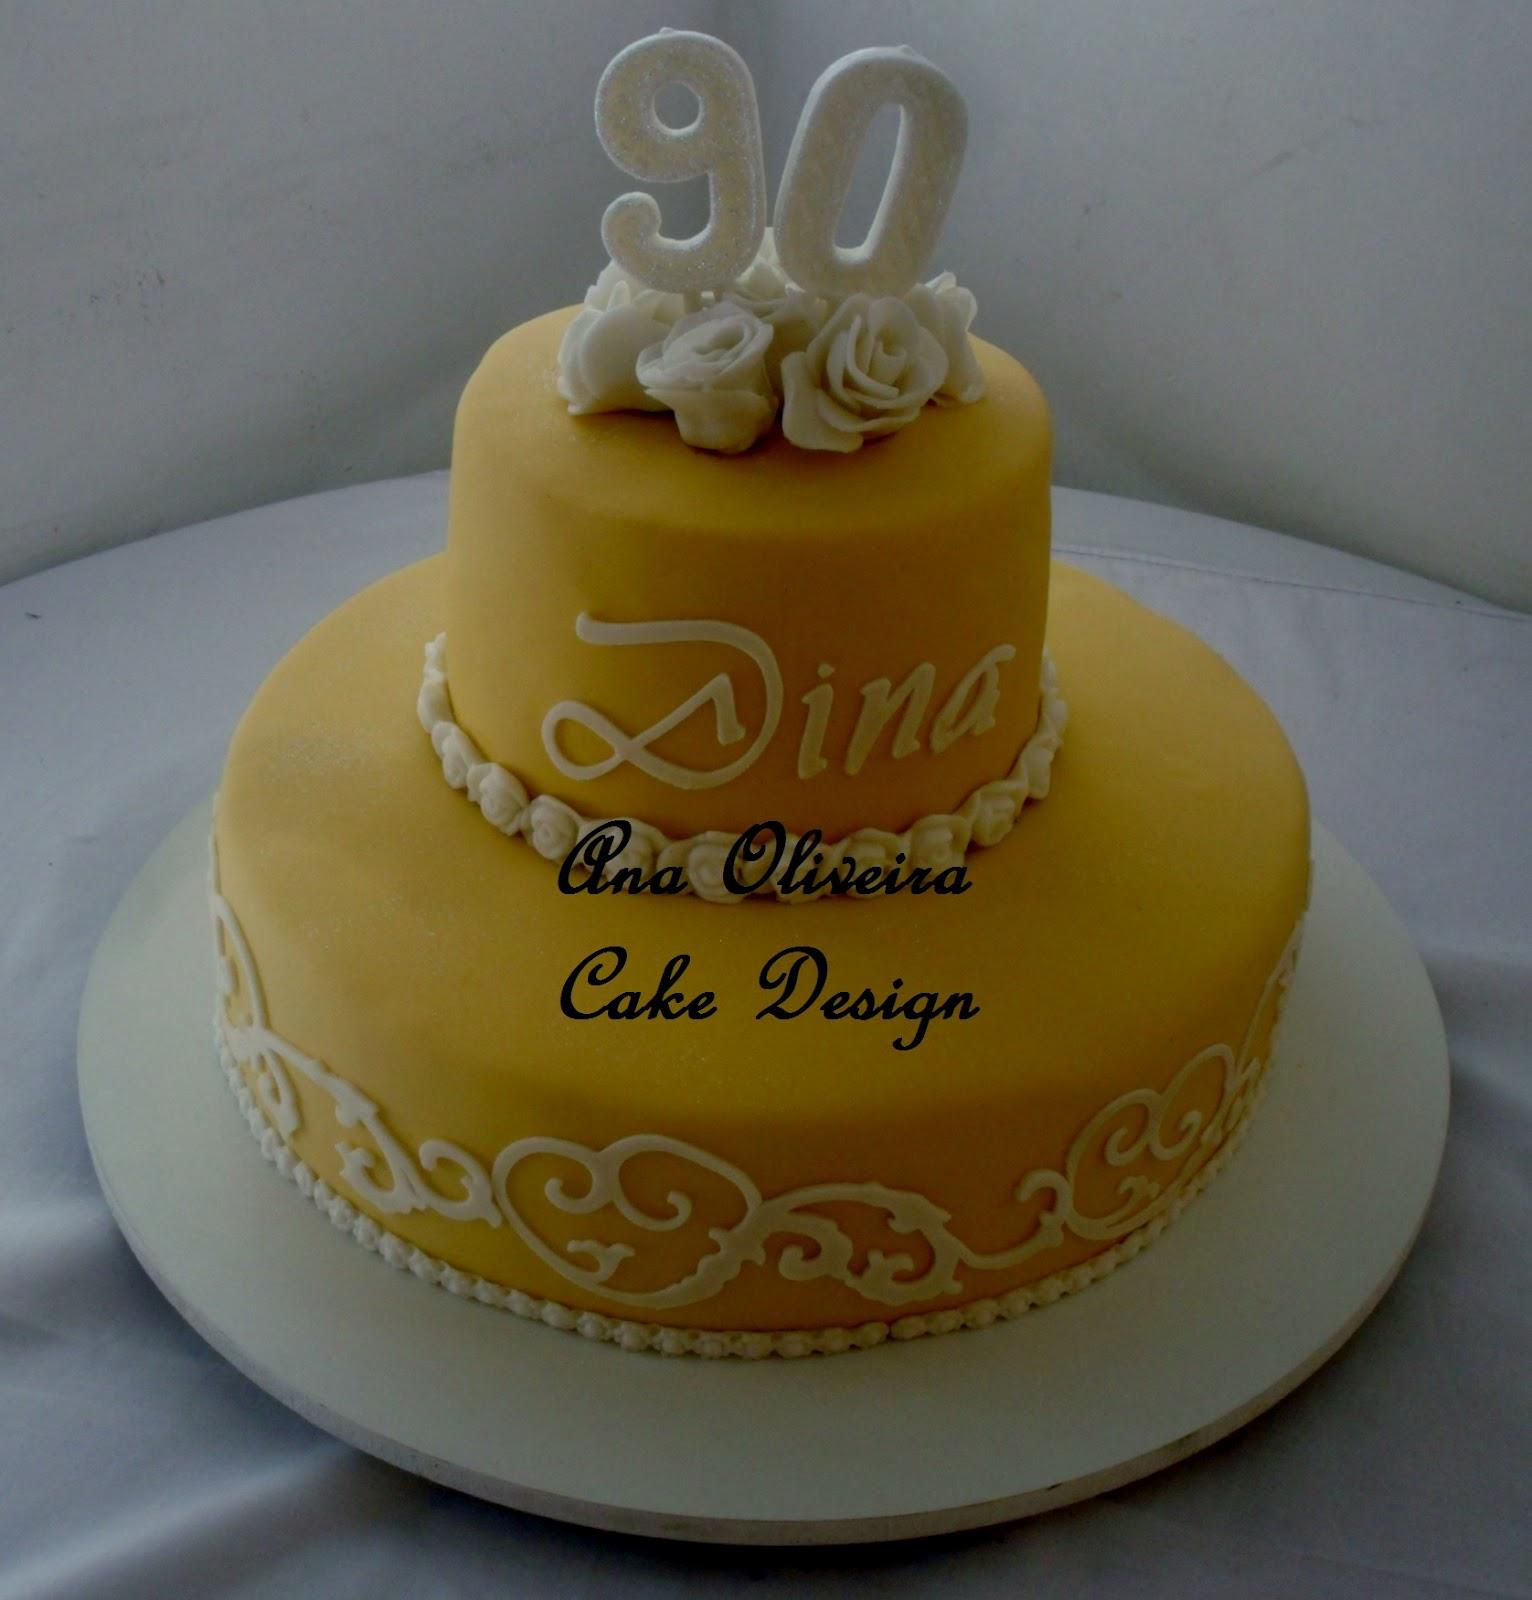 Cake Design Para Homem : Bolos Decorados Artisticos Rio de Janeiro: Bolo 90 anos